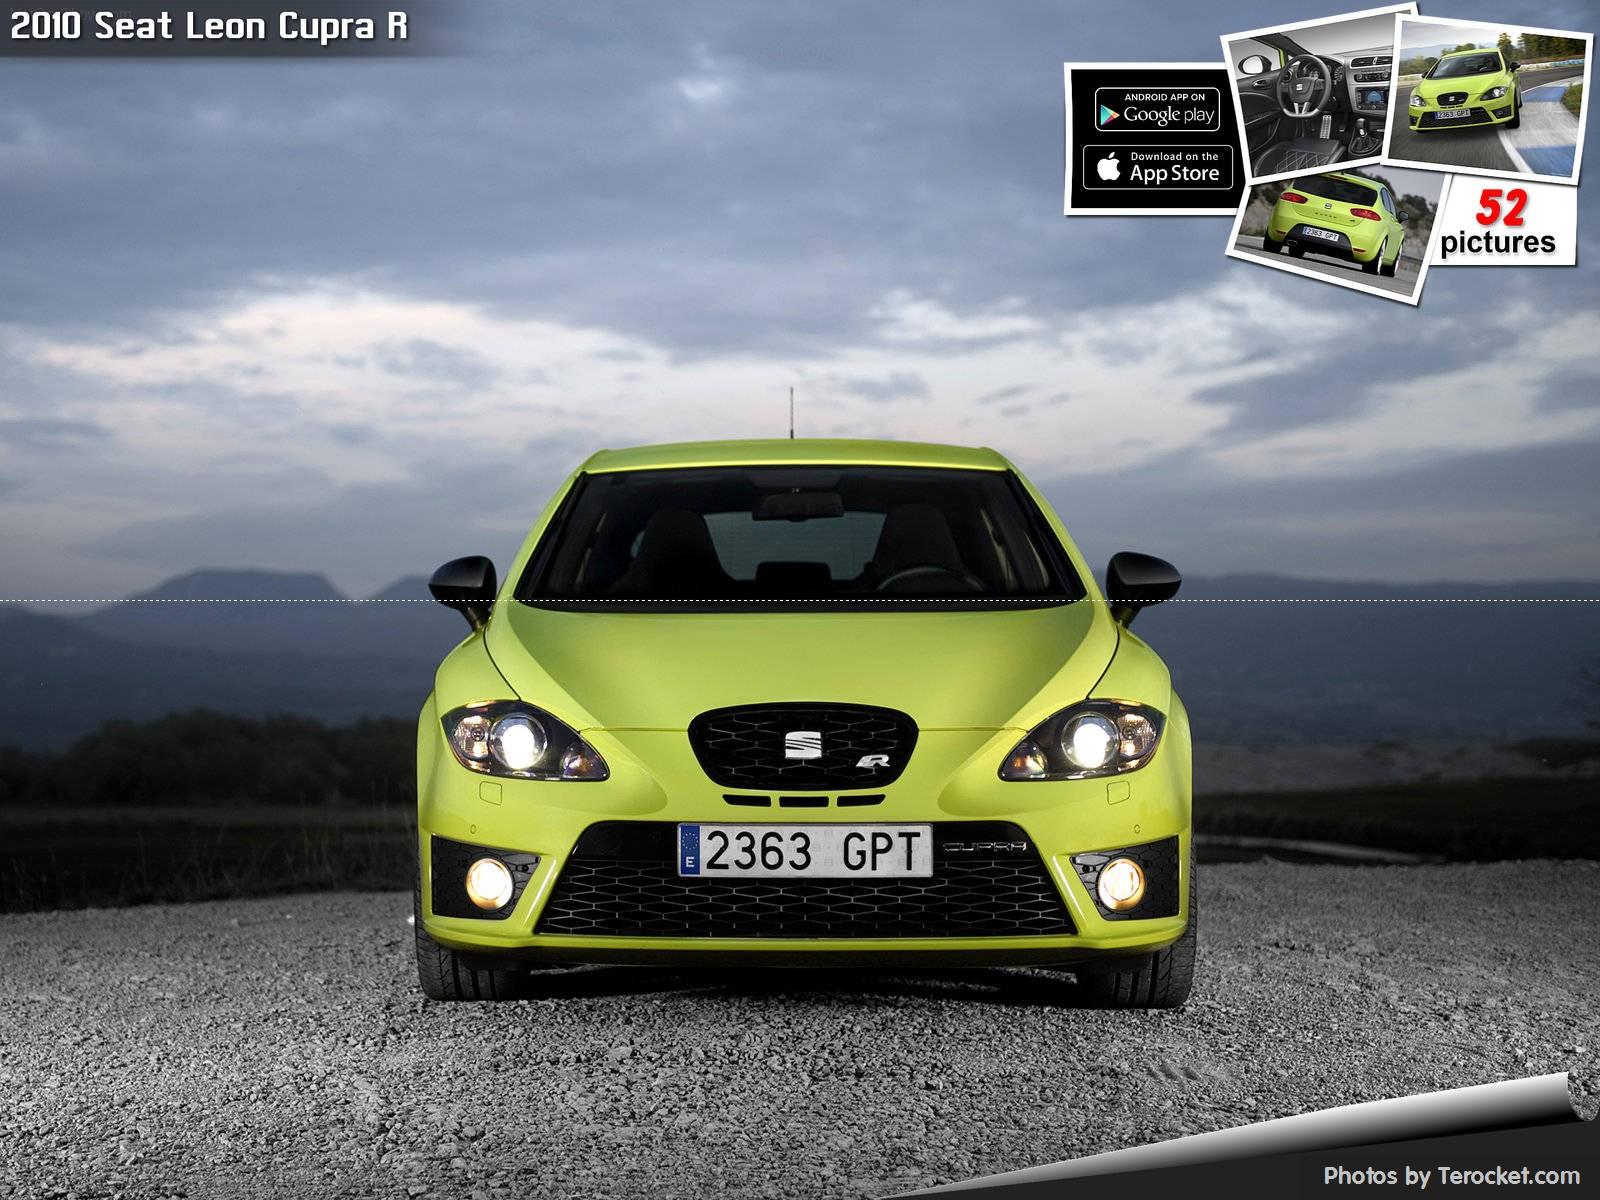 Hình ảnh xe ô tô Seat Leon Cupra R 2010 & nội ngoại thất